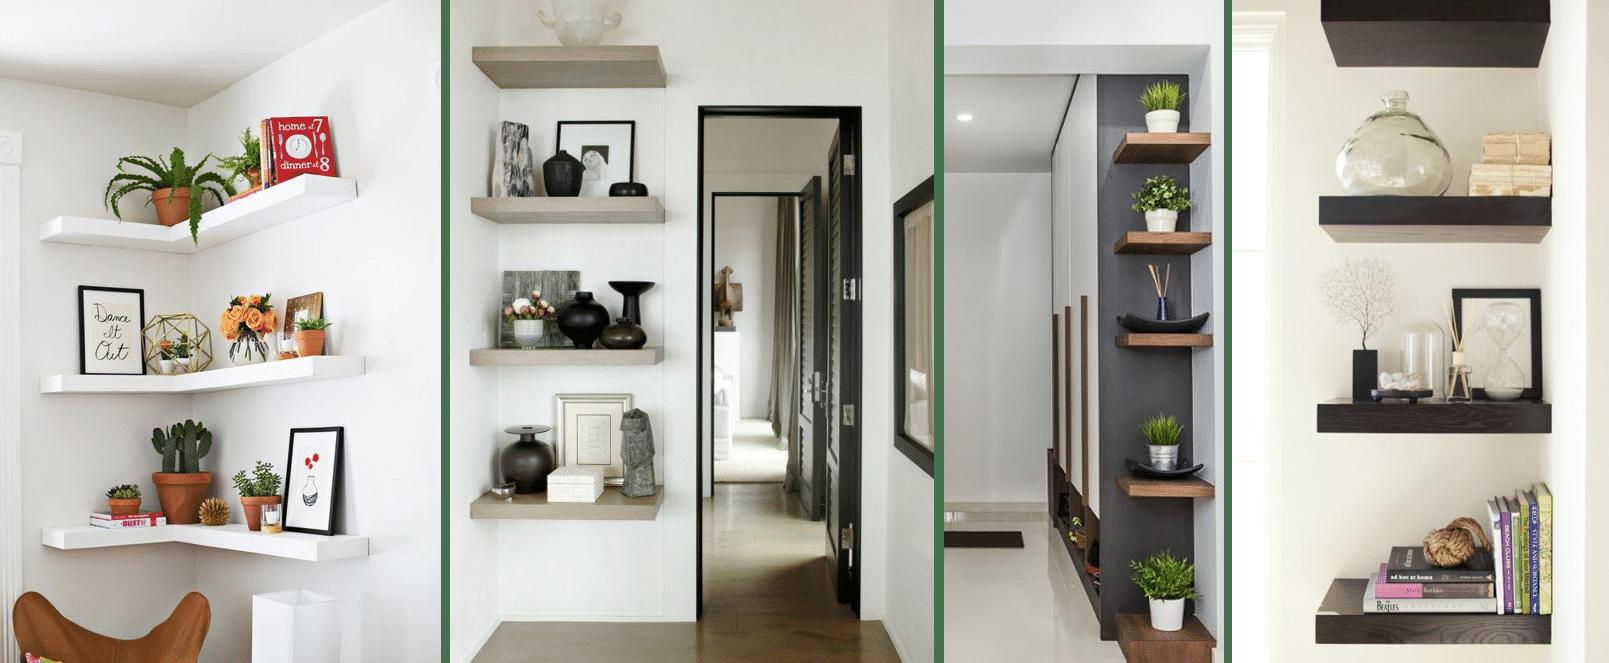 Ideas para refrescar tu casa lemonbe el color olor y - Decorar esquinas ...